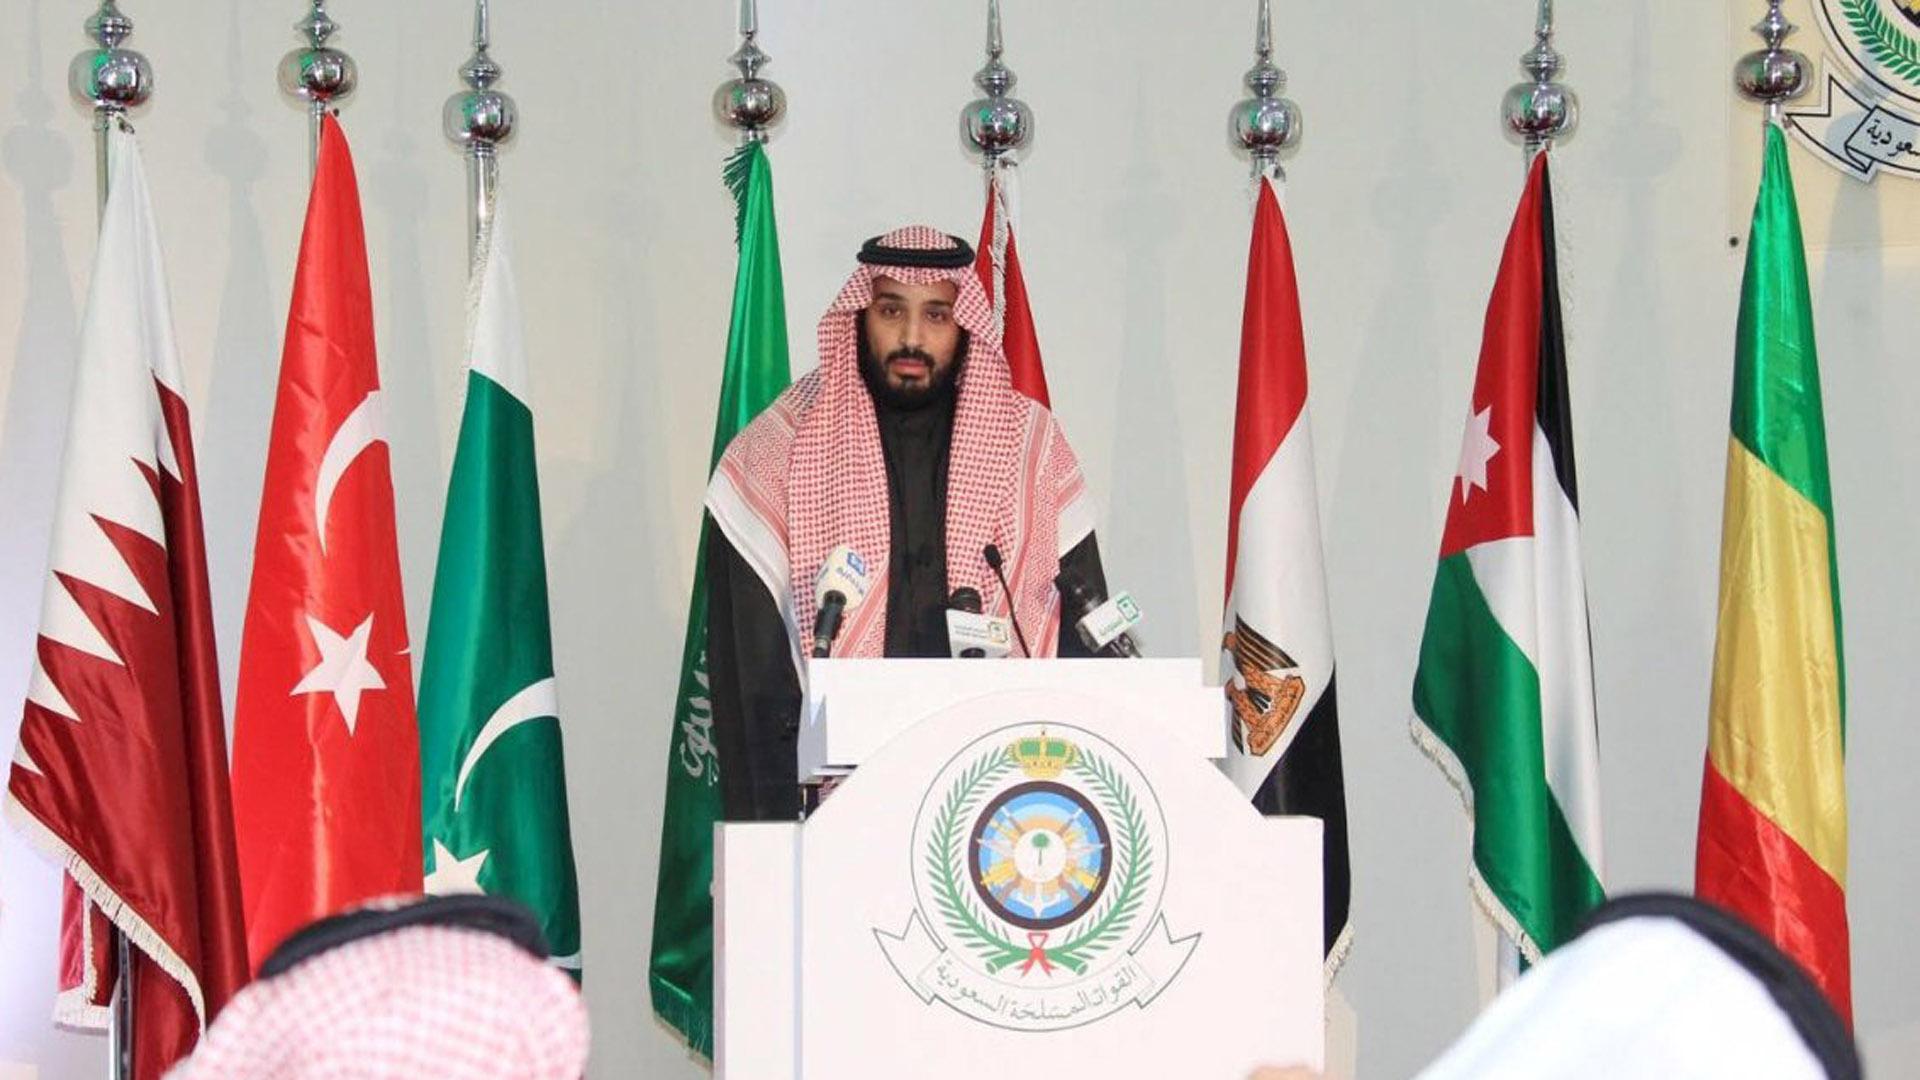 La coalición, integrada por 34 países, anunció que combatirán no sólo al Estado Islámico